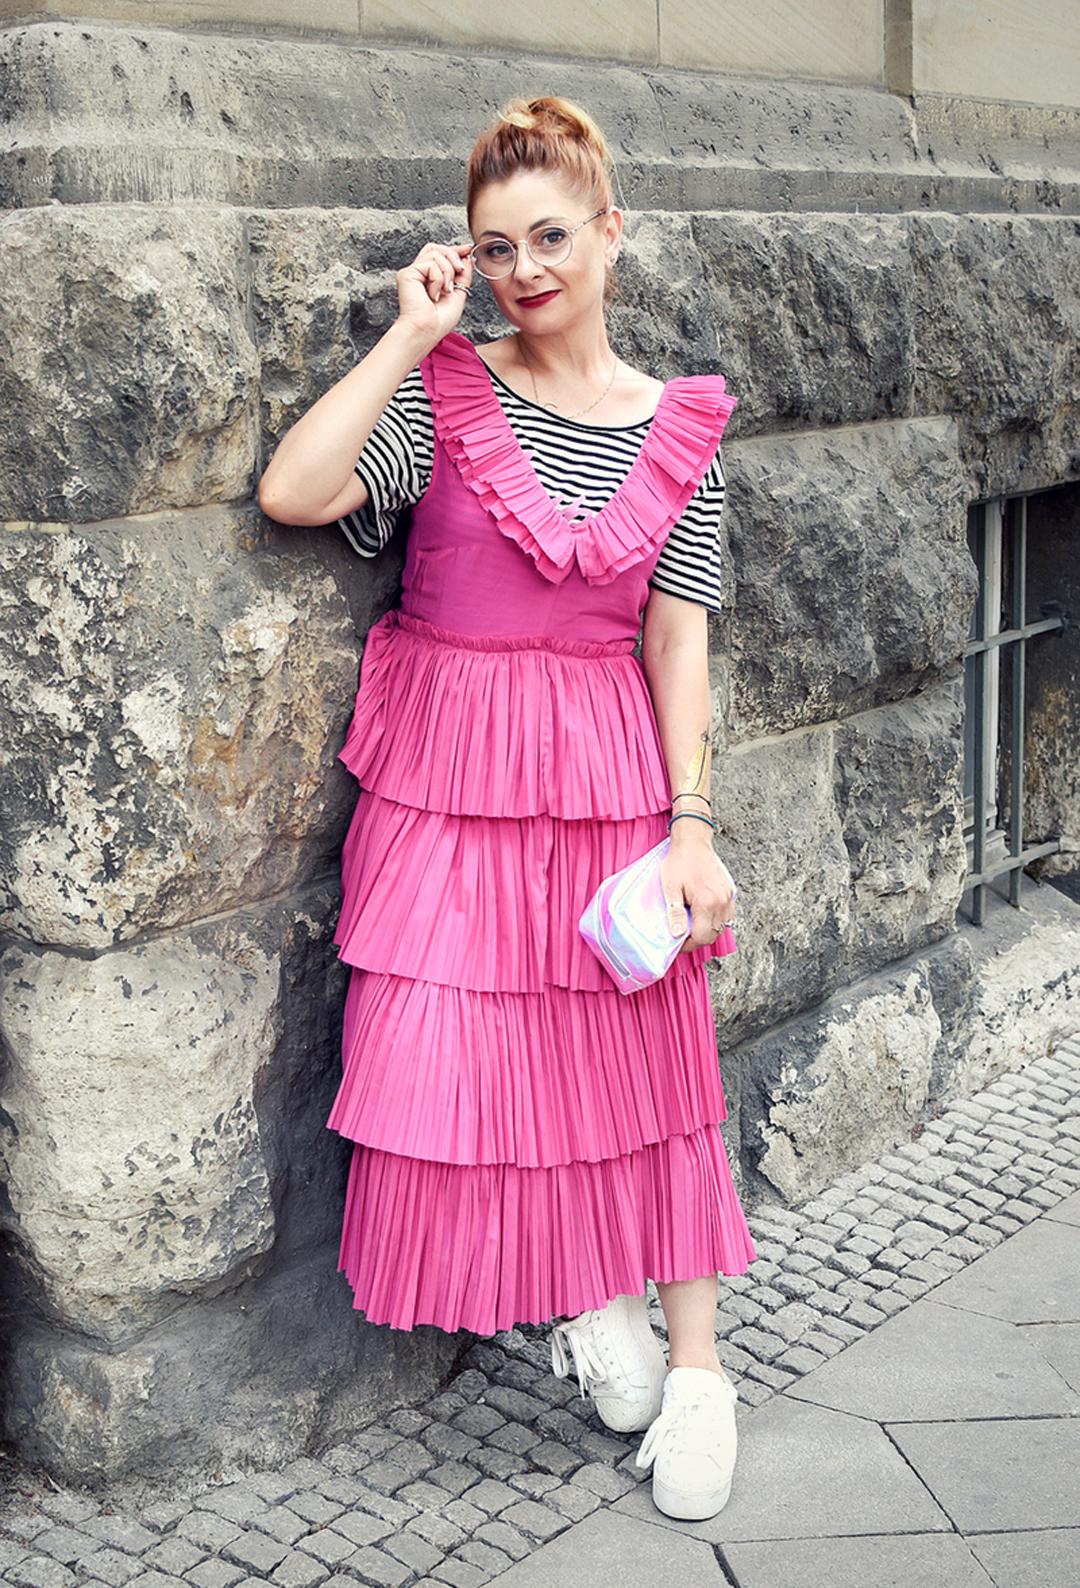 schöne Sommerkleider für Frauen, Outfits für Frauen über 40, H&M